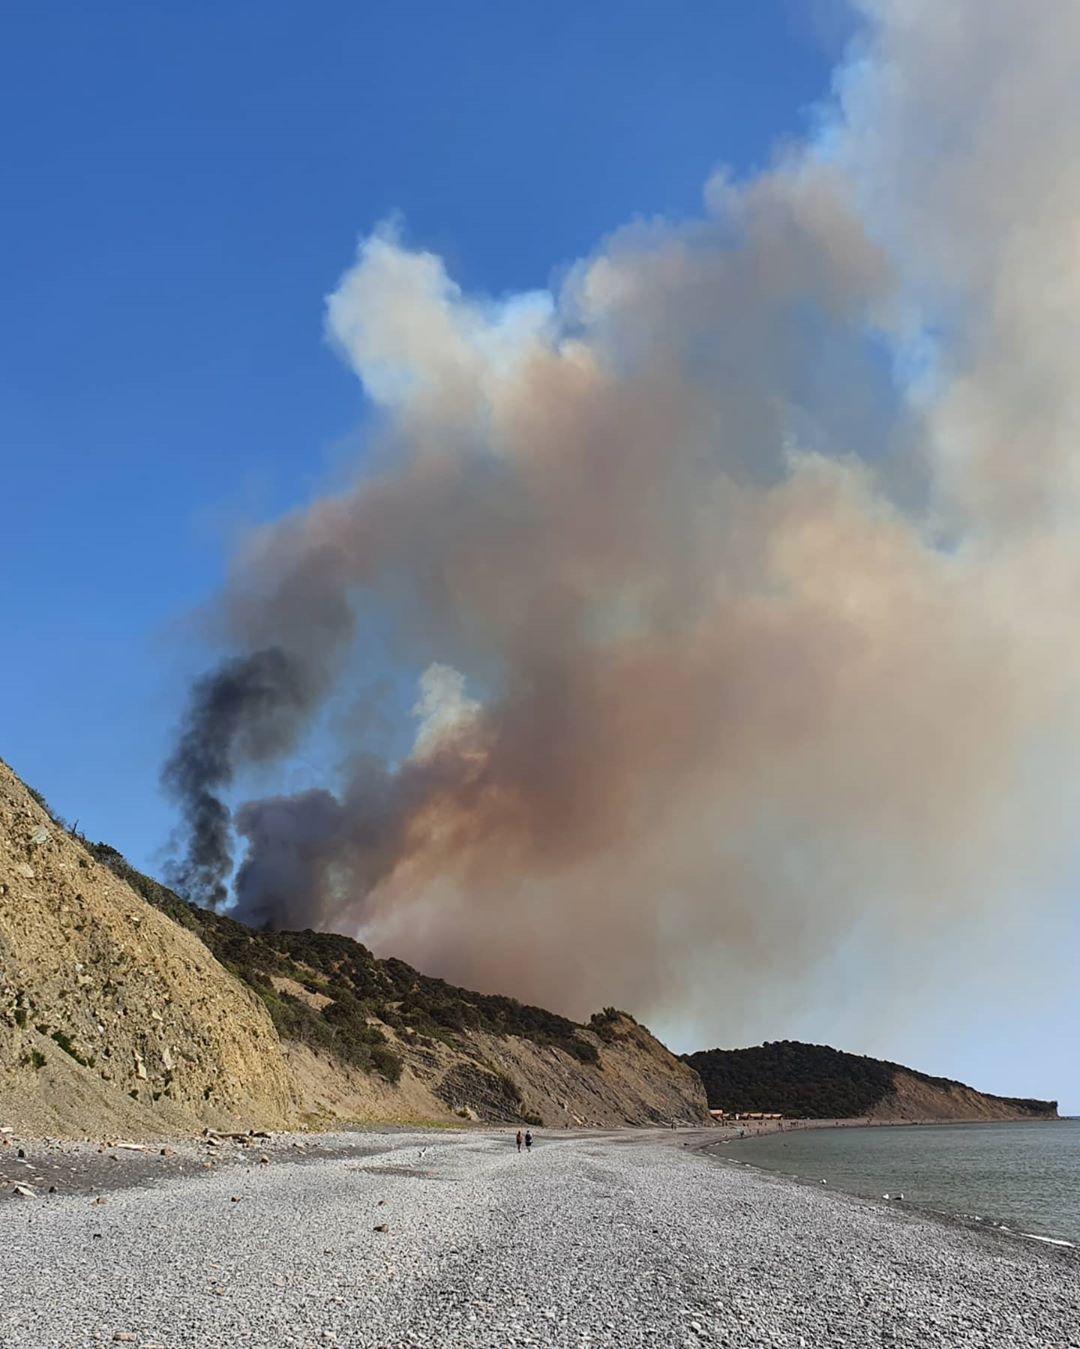 К тушению пожара в Анапе привлечена авиация и более 200 человек